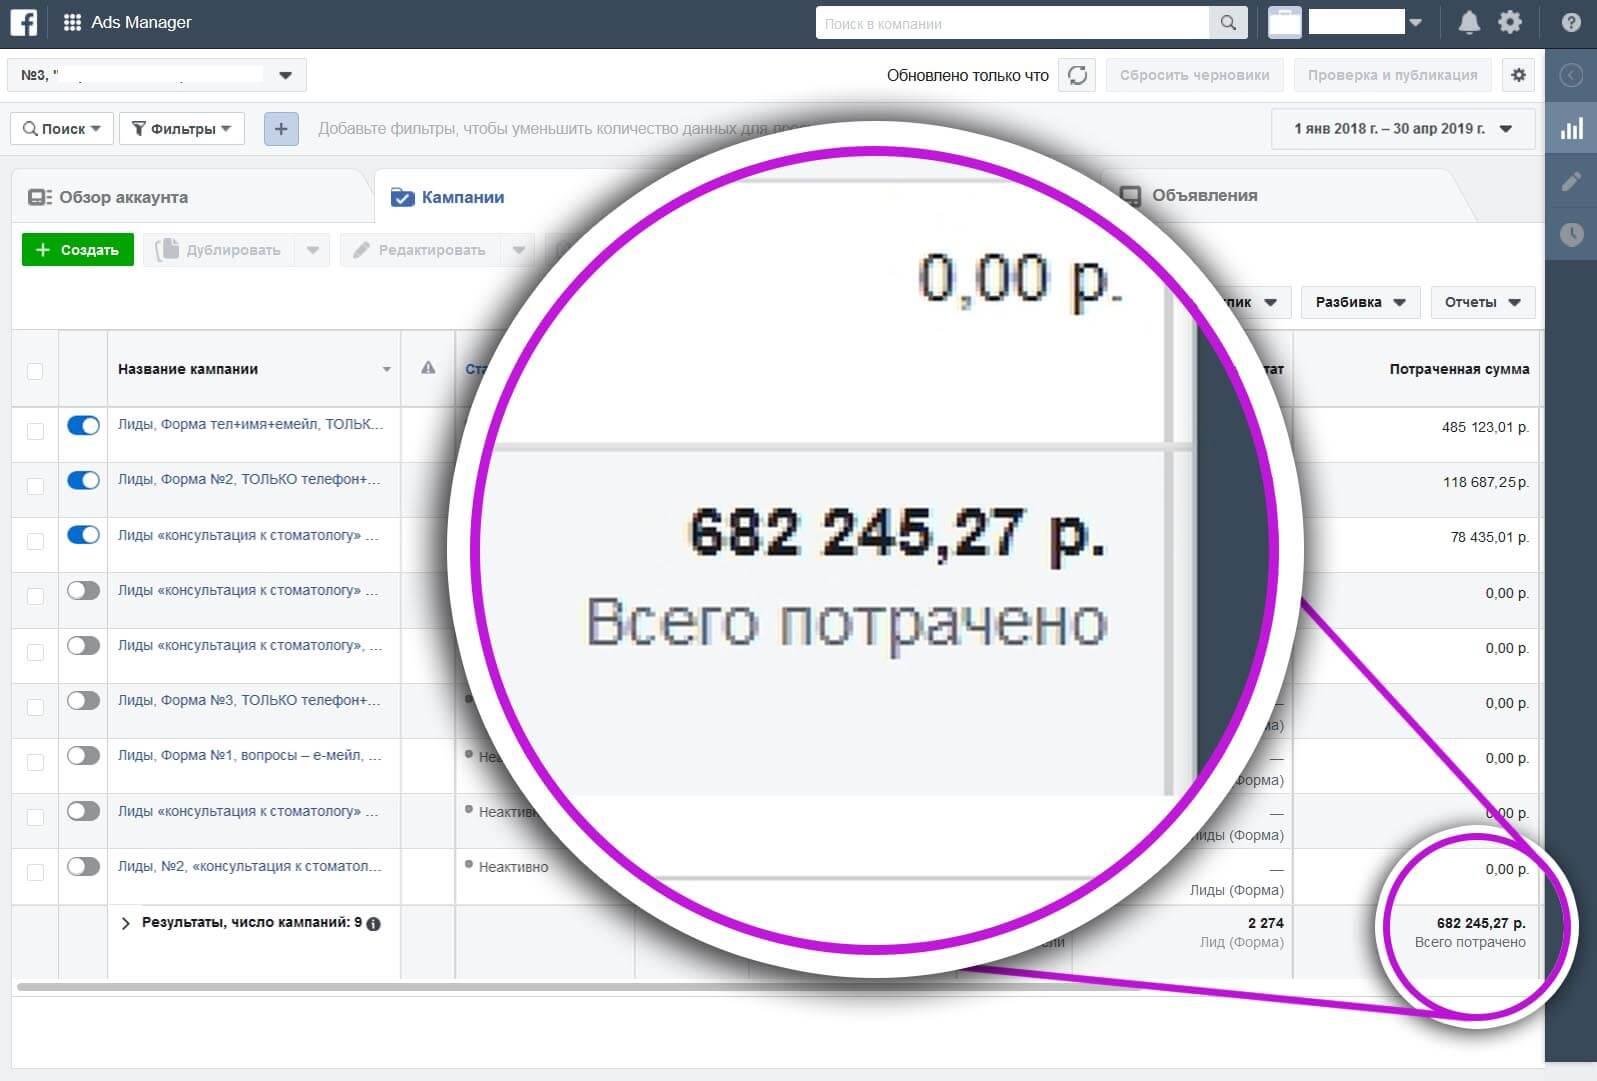 Фото-отчет из менеджера рекламы Фейсбук с результатами кампаний, стоимостью и количеством полученных лидов.